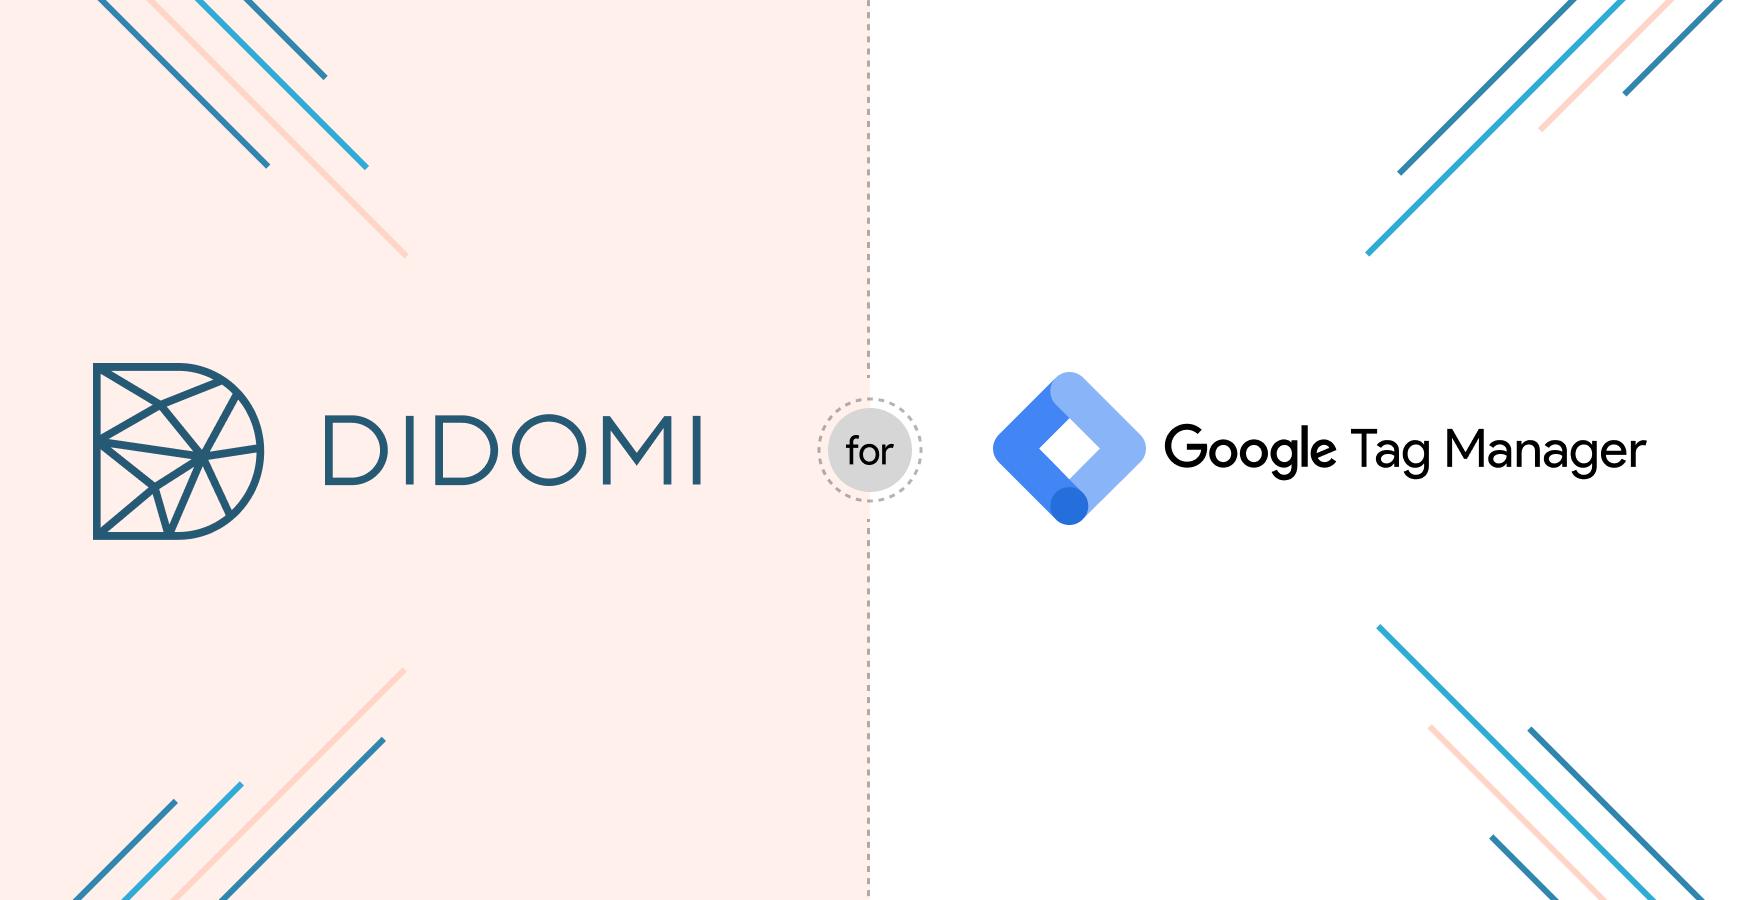 Didomi für Google Tag Manager: zum Data-Driven Business, ohne Datenschutzrechte der Nutzer zu verletzen